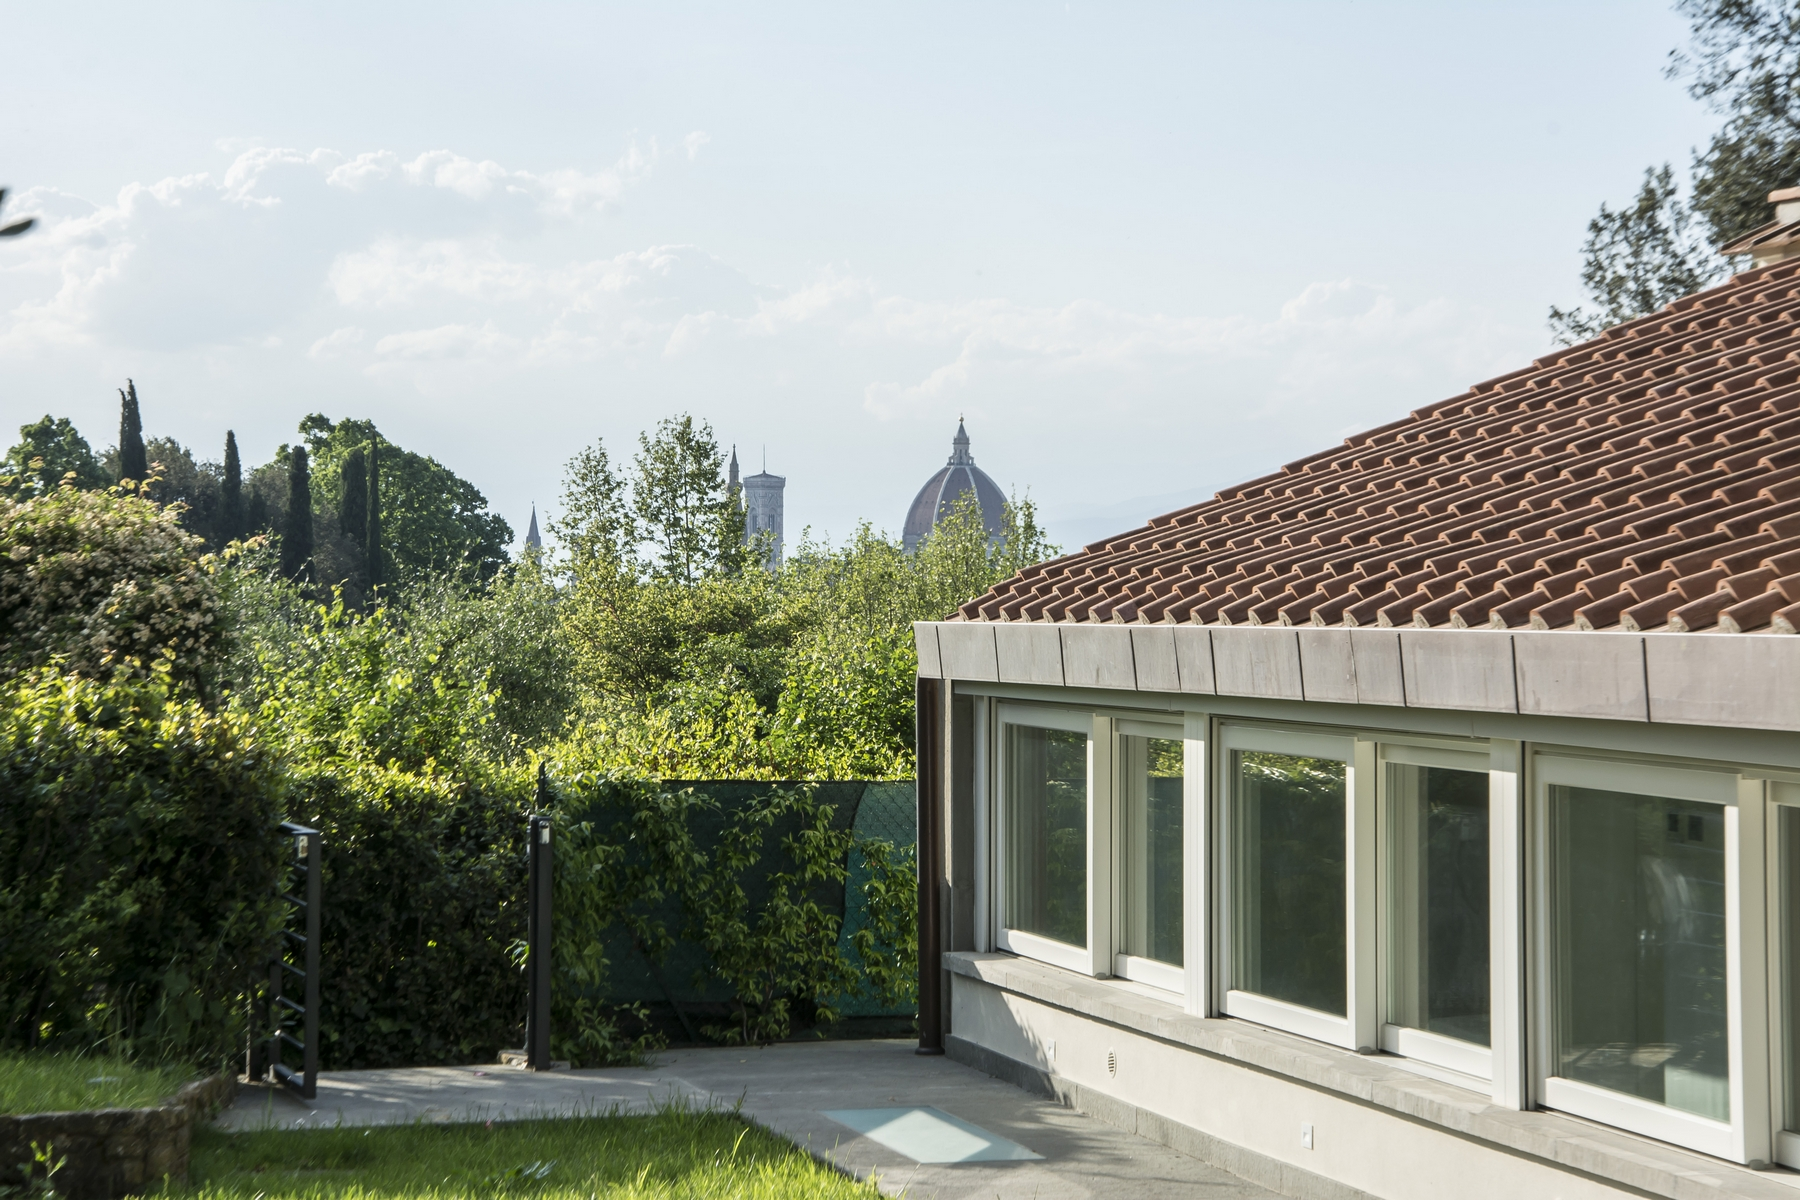 Villa in Affitto a Firenze Semicentro Ovest: 5 locali, 200 mq